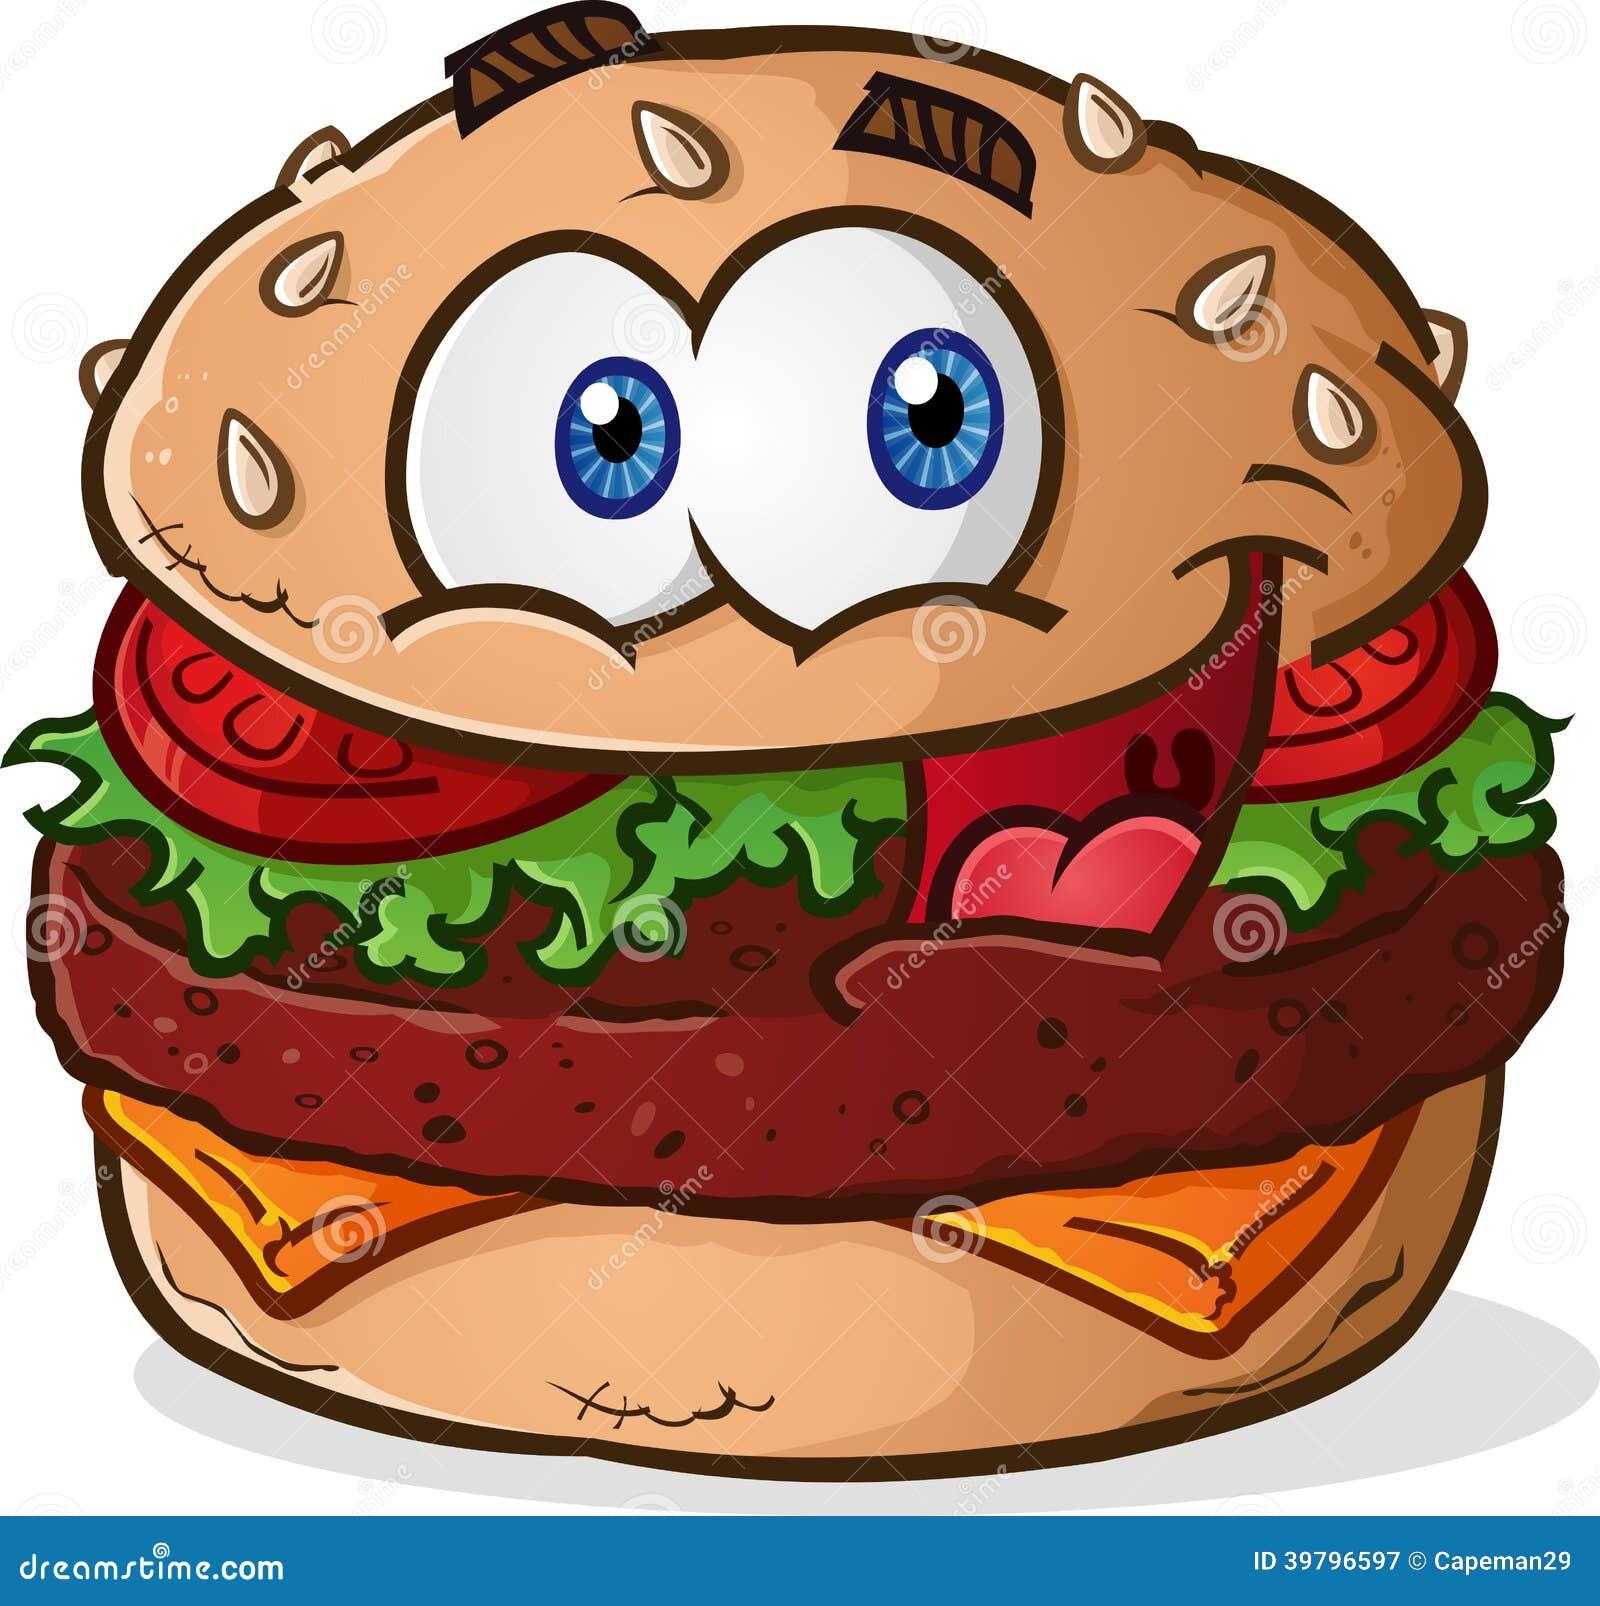 simple hamburger cheeseburger cartoon character with a big smiling ...